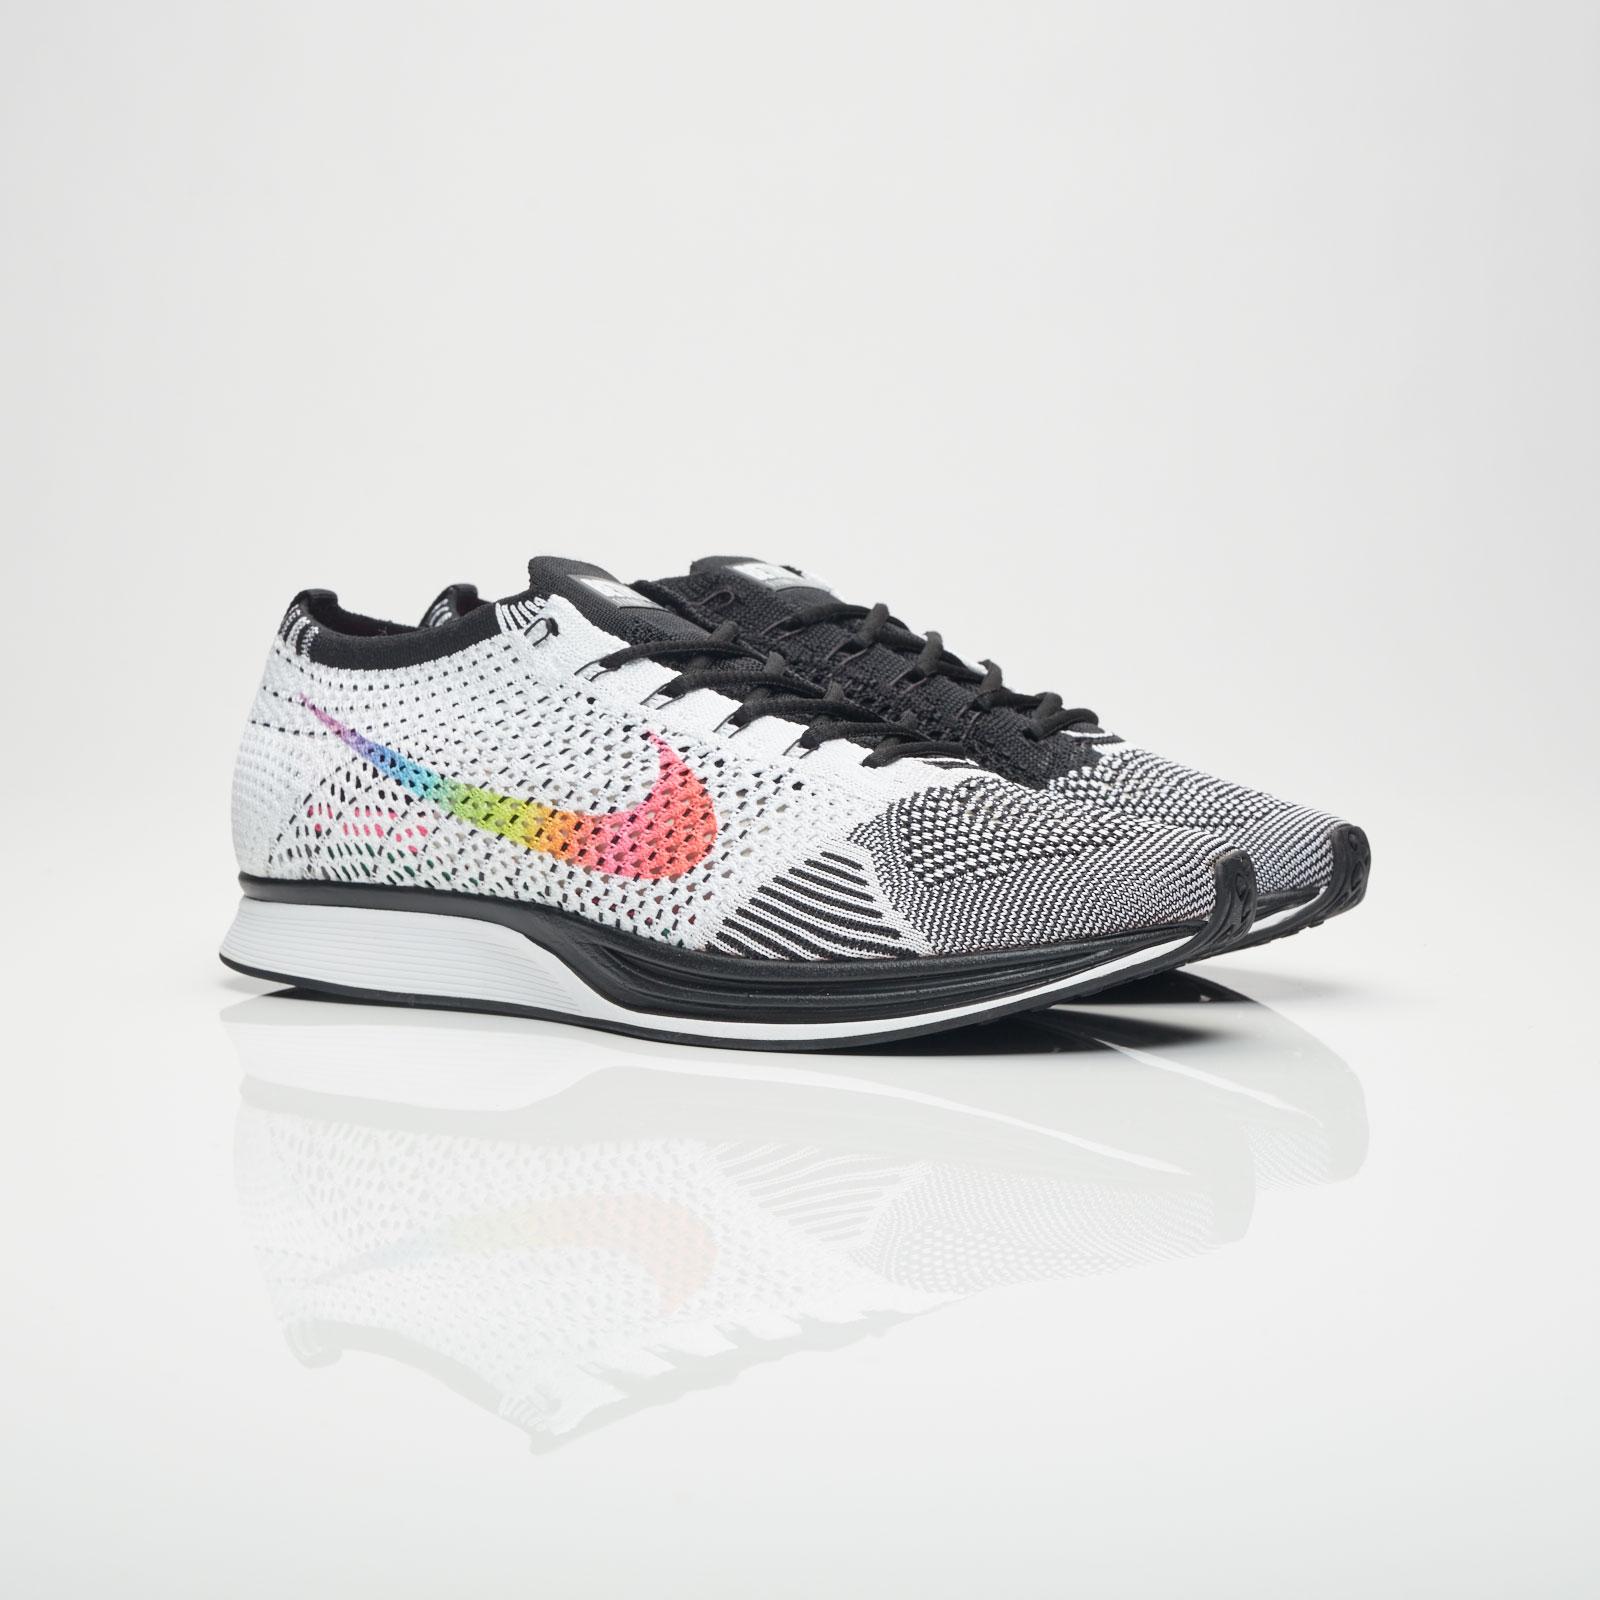 Nike Flyknit Racer BETRUE - 902366-100 - Sneakersnstuff  ec1109433dac